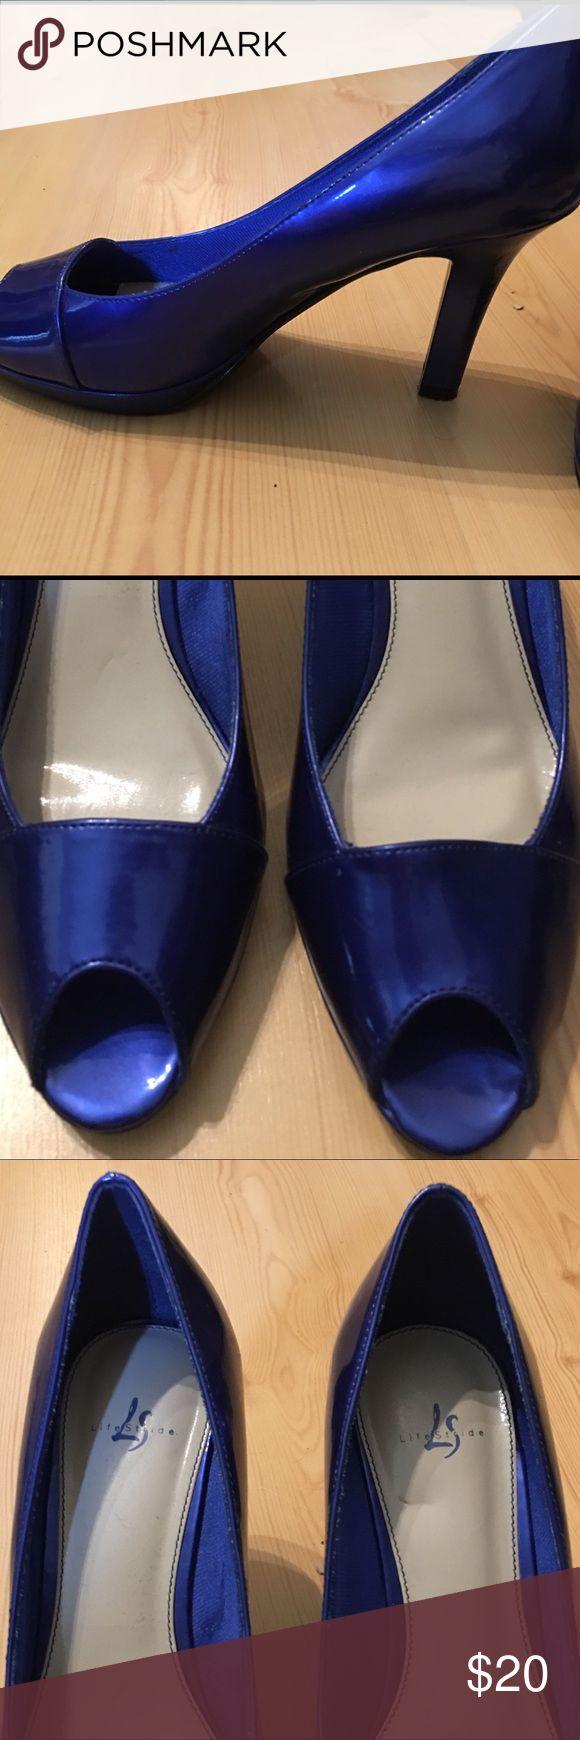 Women's Life Stride Patent Leather Blue Pumps Cobalt blue heels Pumps size 8M antiskid bottoms Shoes Heels